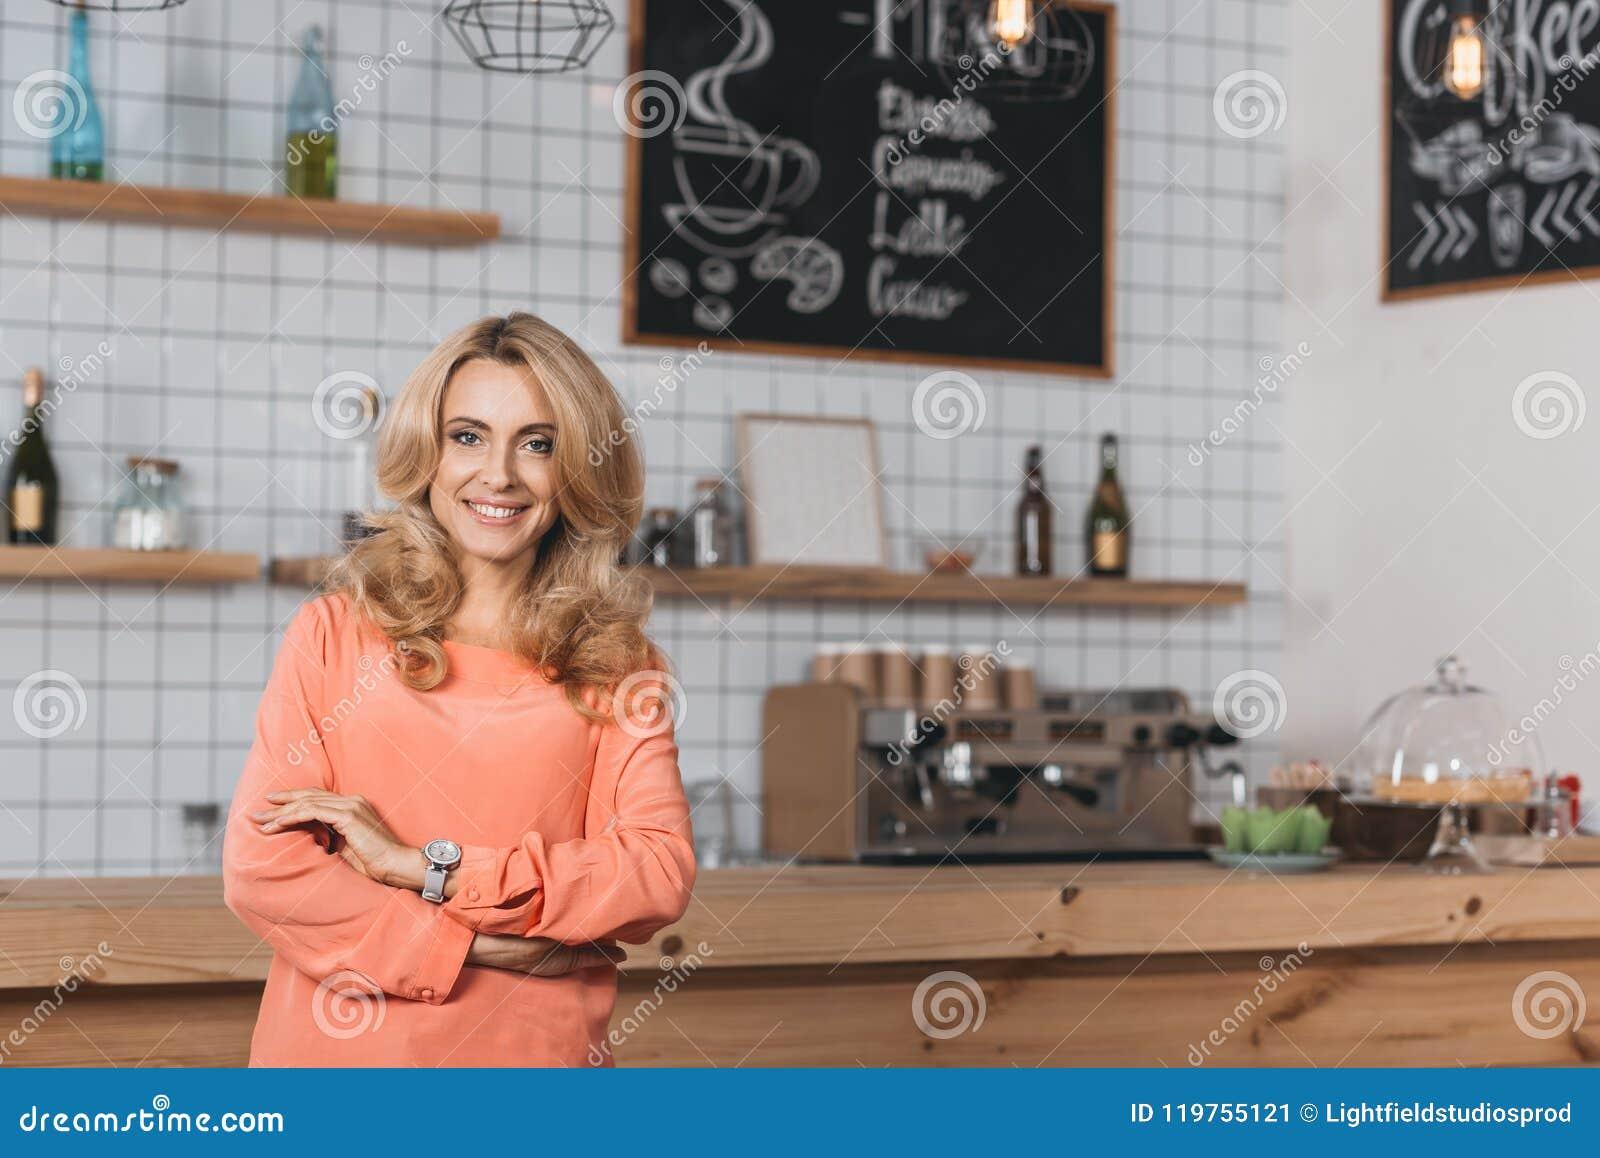 красивое предприниматель мелкого бизнеса усмехаясь на камере пока стоящ